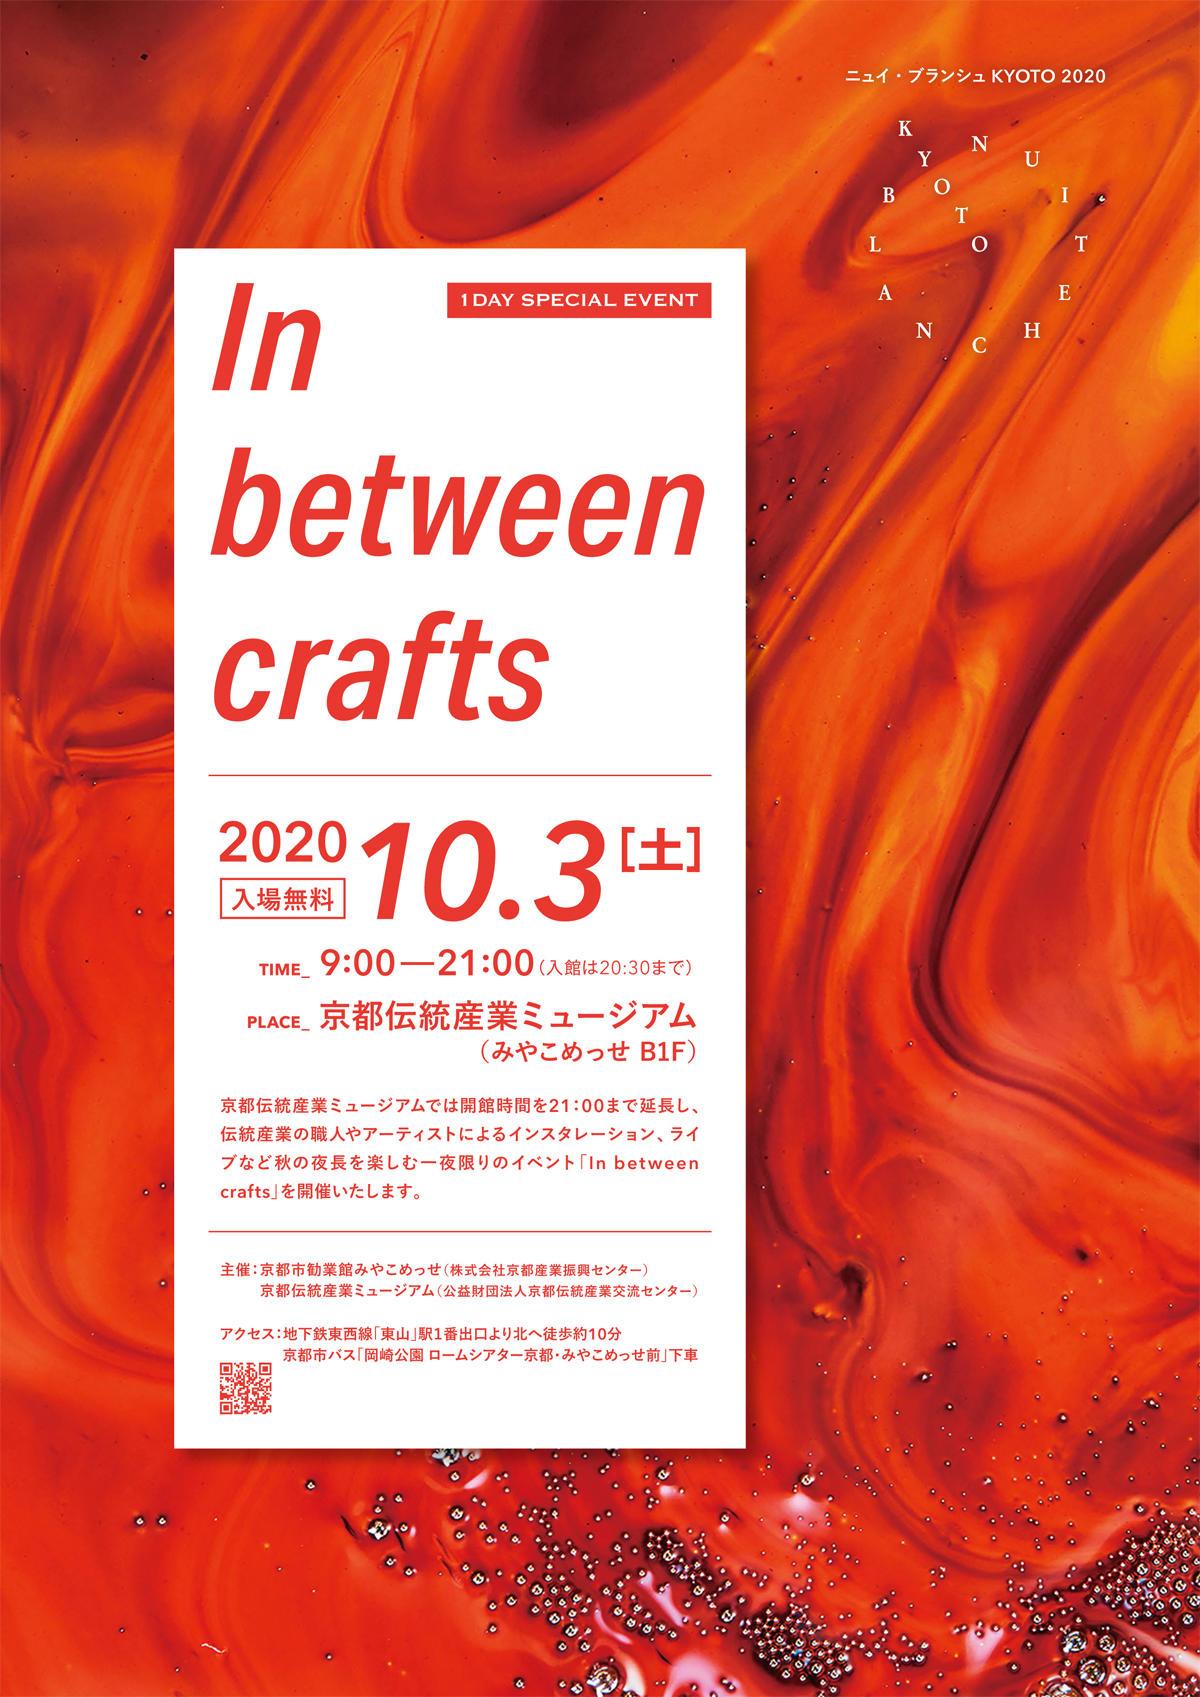 In between crafts